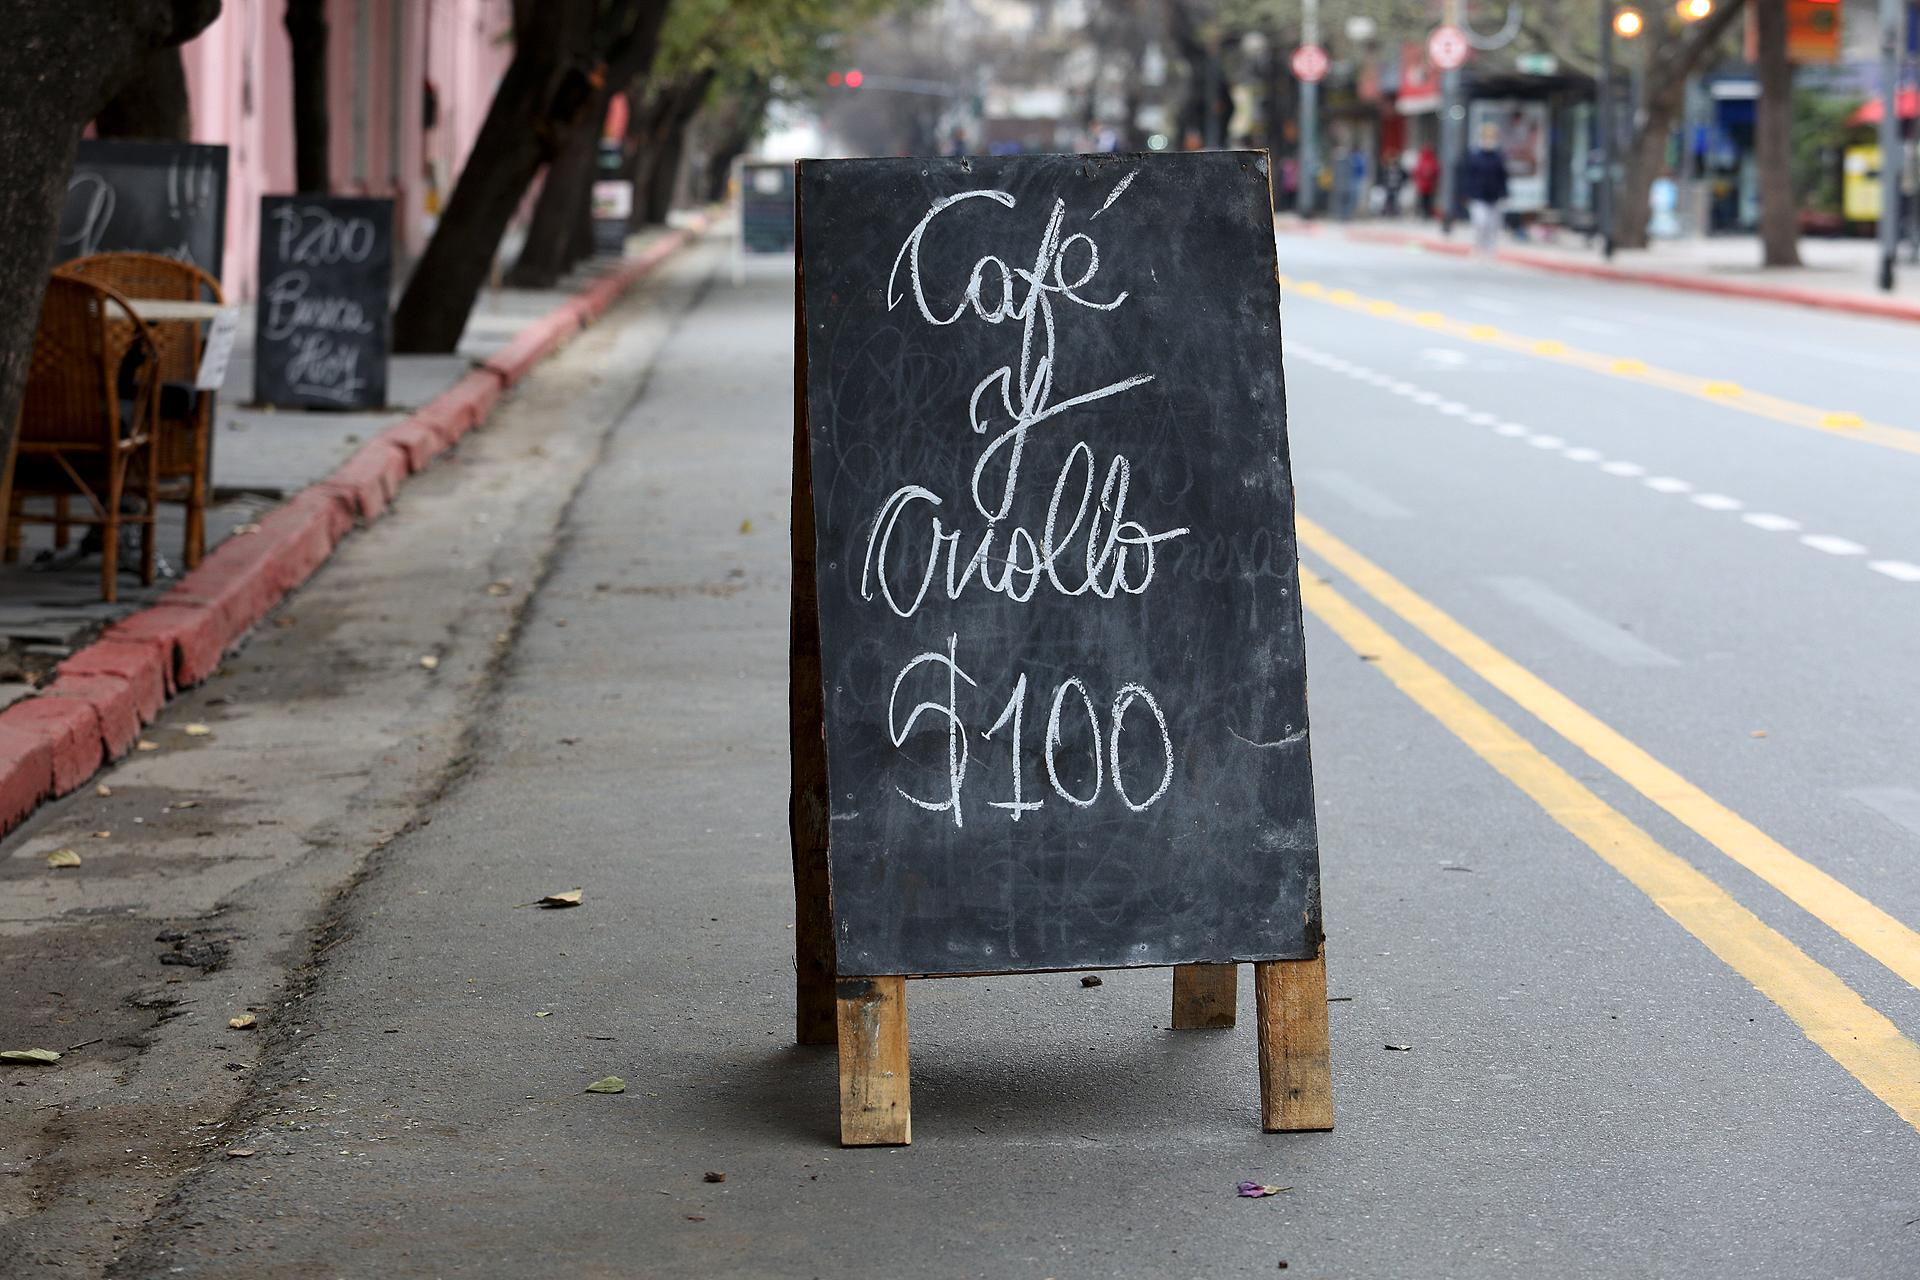 Los bares de la zona céntrica de Córdoba reabrieron sus puertas con promociones a precios accesibles